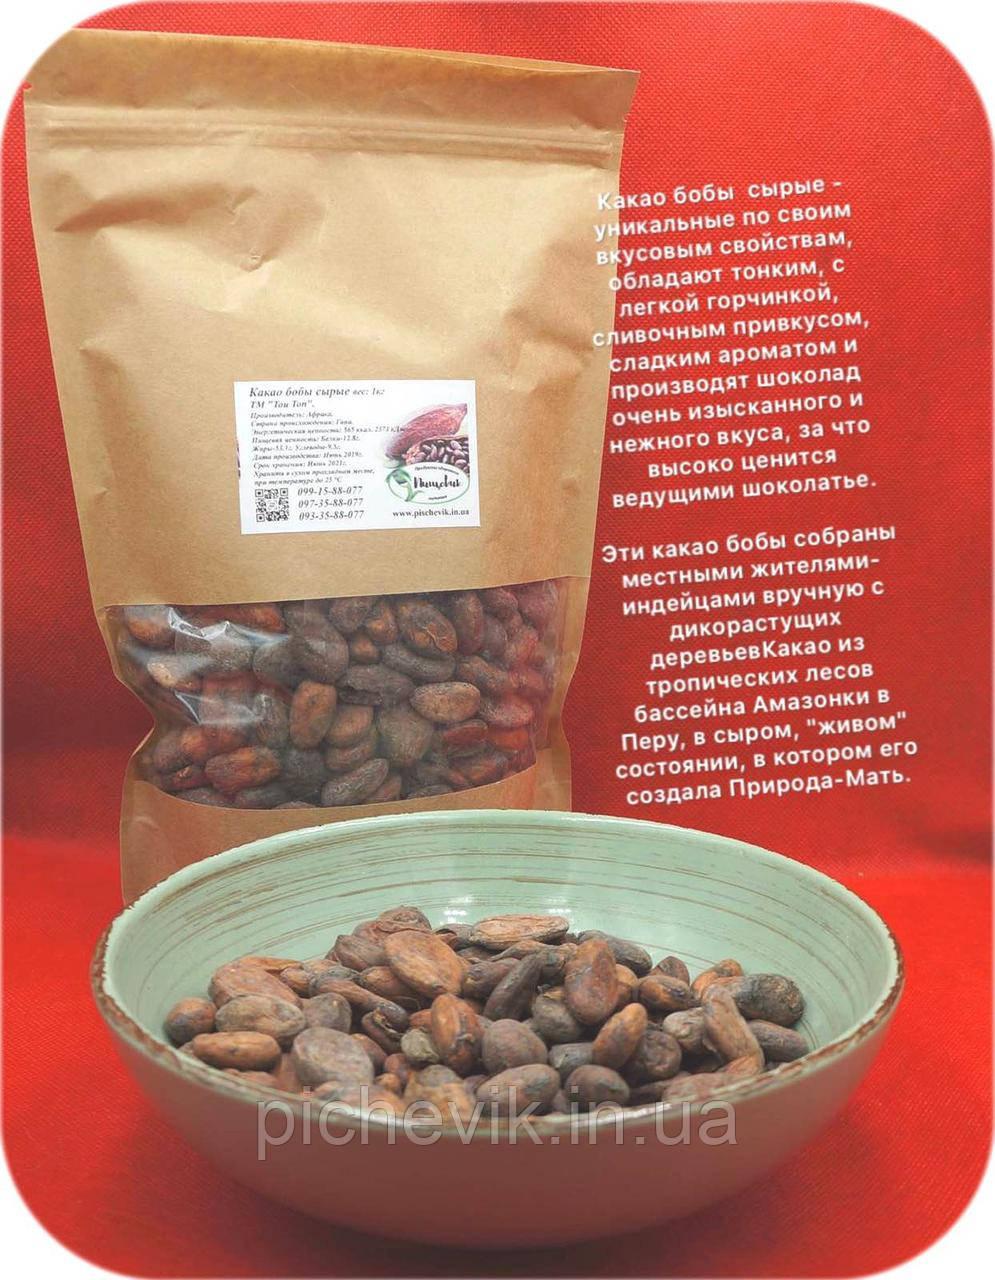 Бобы какао сырые TM TouTon (Гана) вес:150грамм.